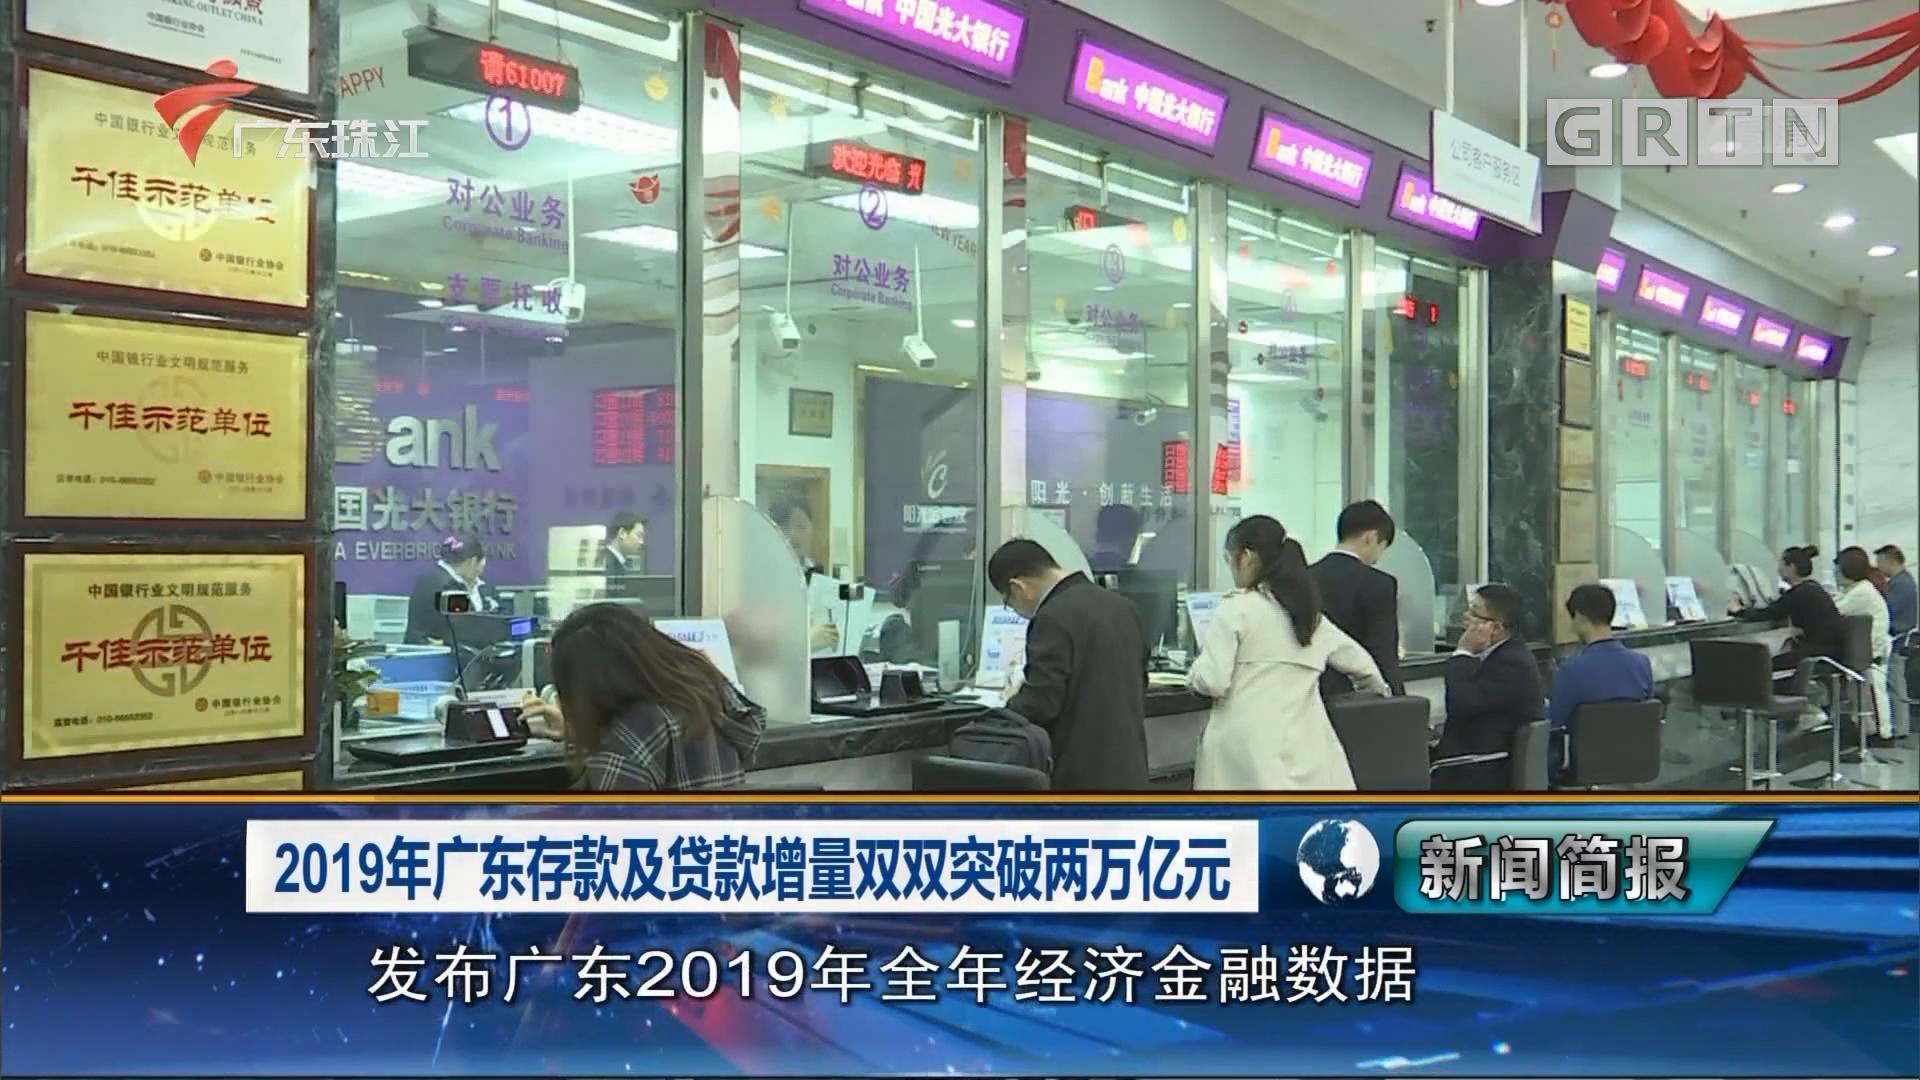 2019年广东存款及贷款增量双双突破两万亿元